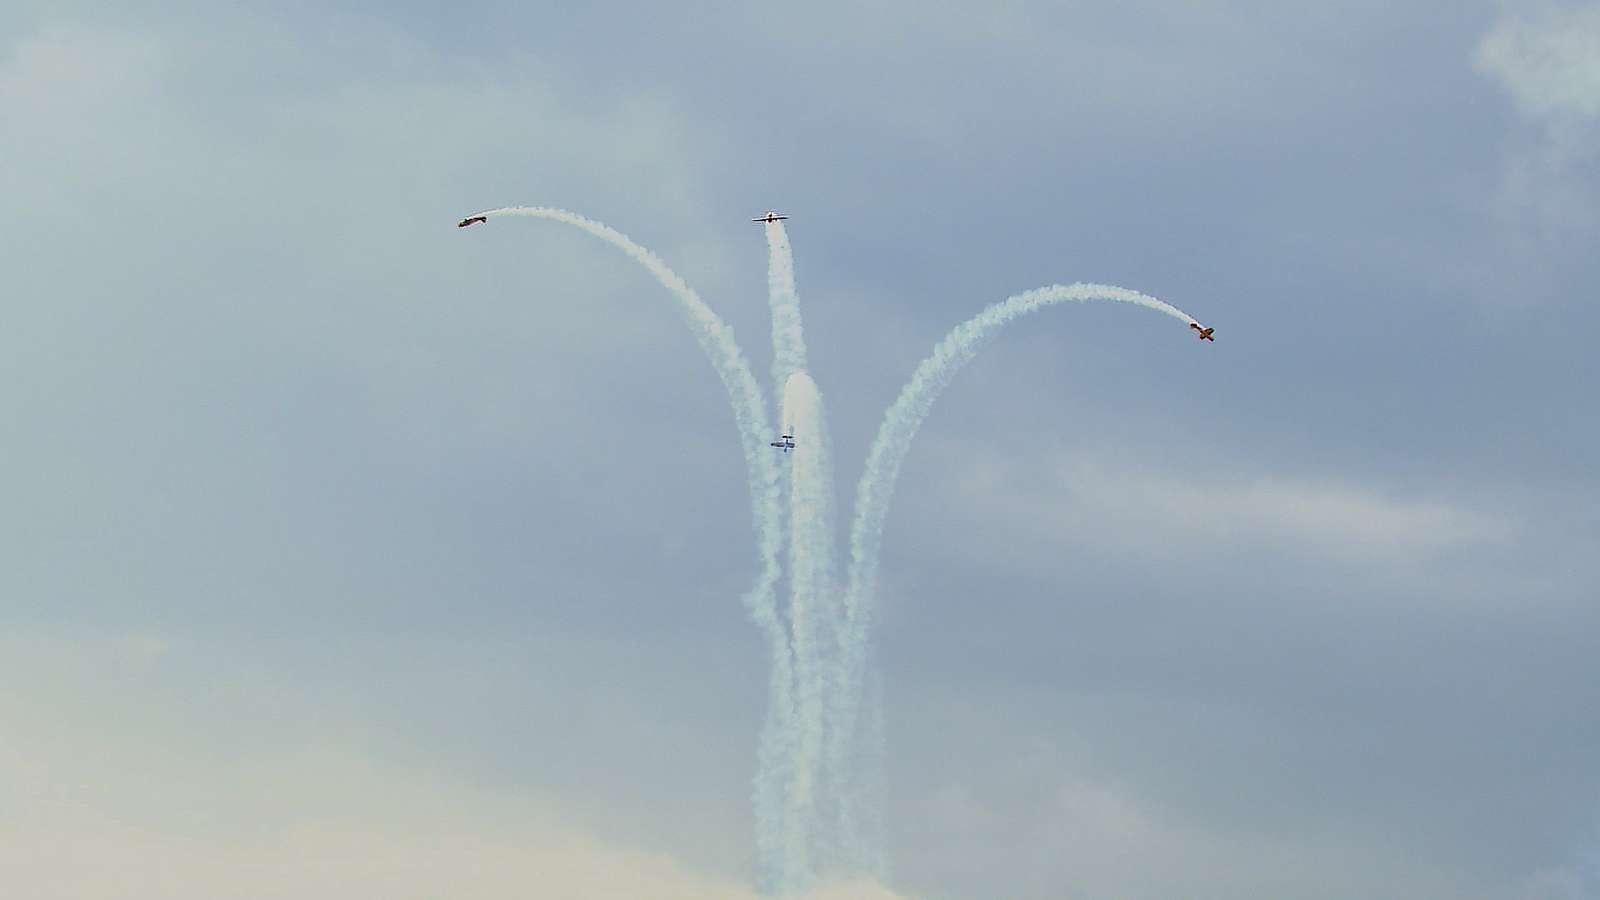 Авиашоу в небе над Истрой провели в День Воздушного флота | Изображение 1